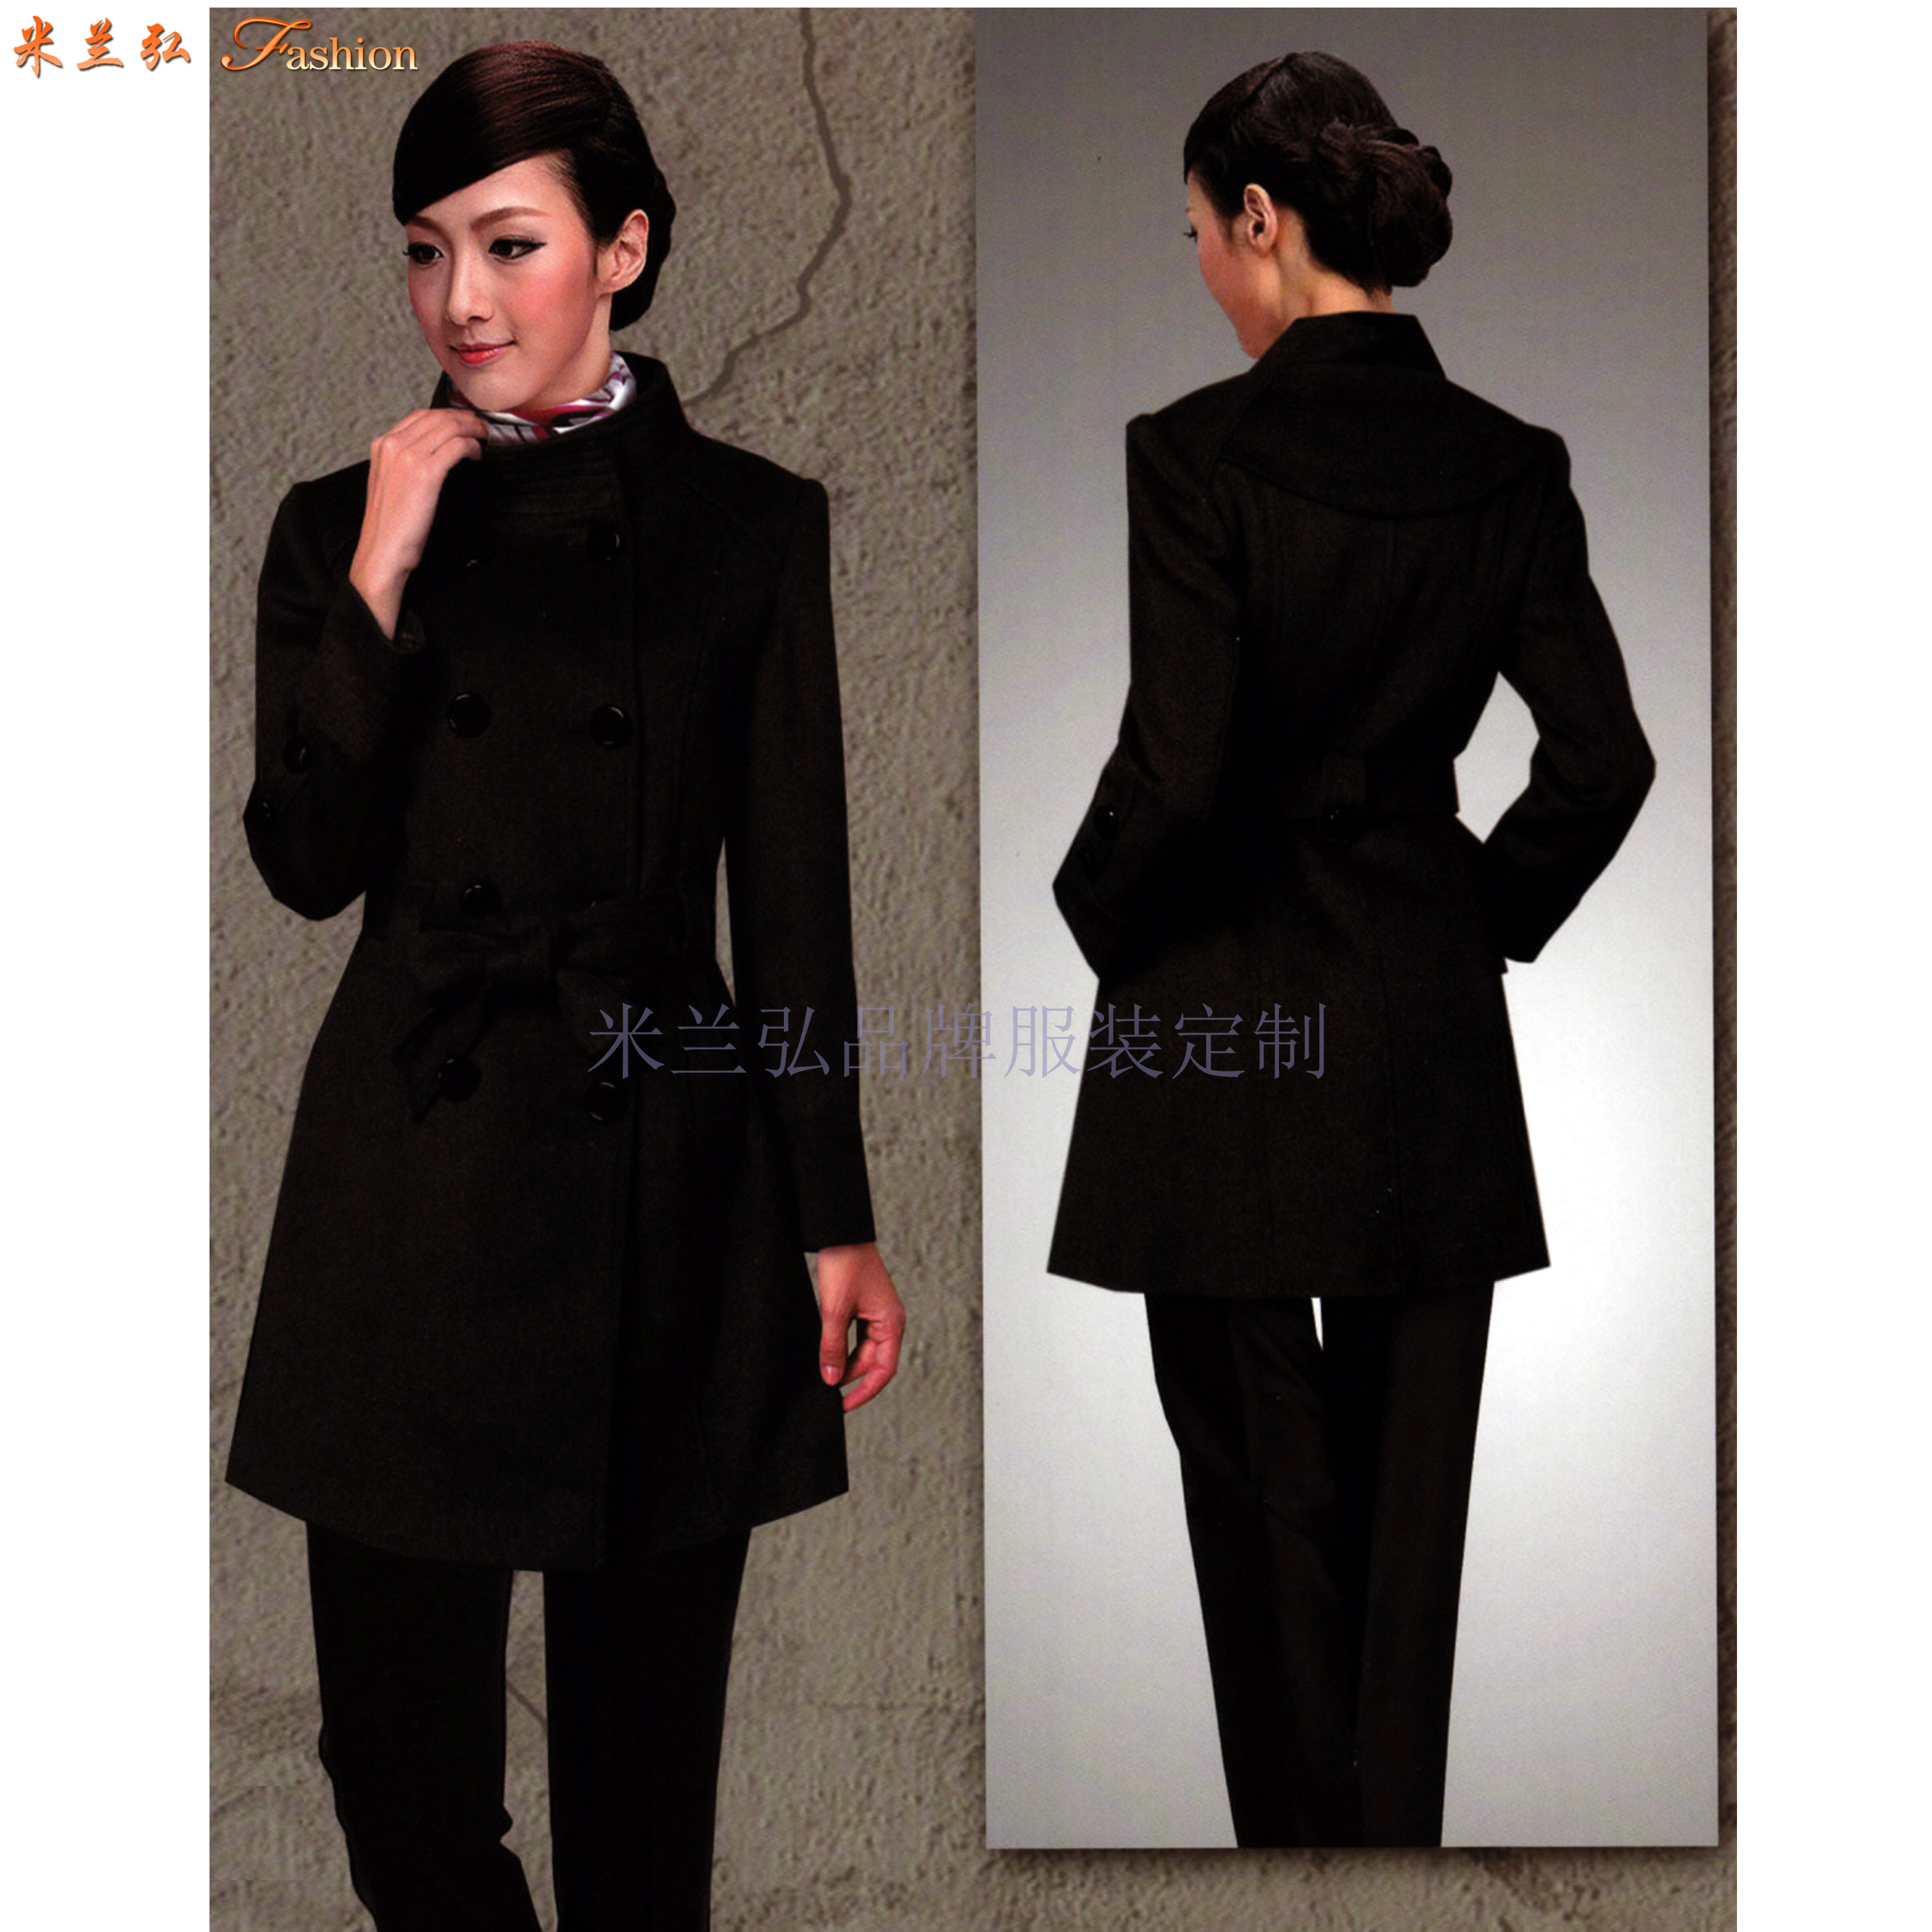 「大衣」銀川定制羊毛商務大衣的貨真價實公司-米蘭弘服裝-4